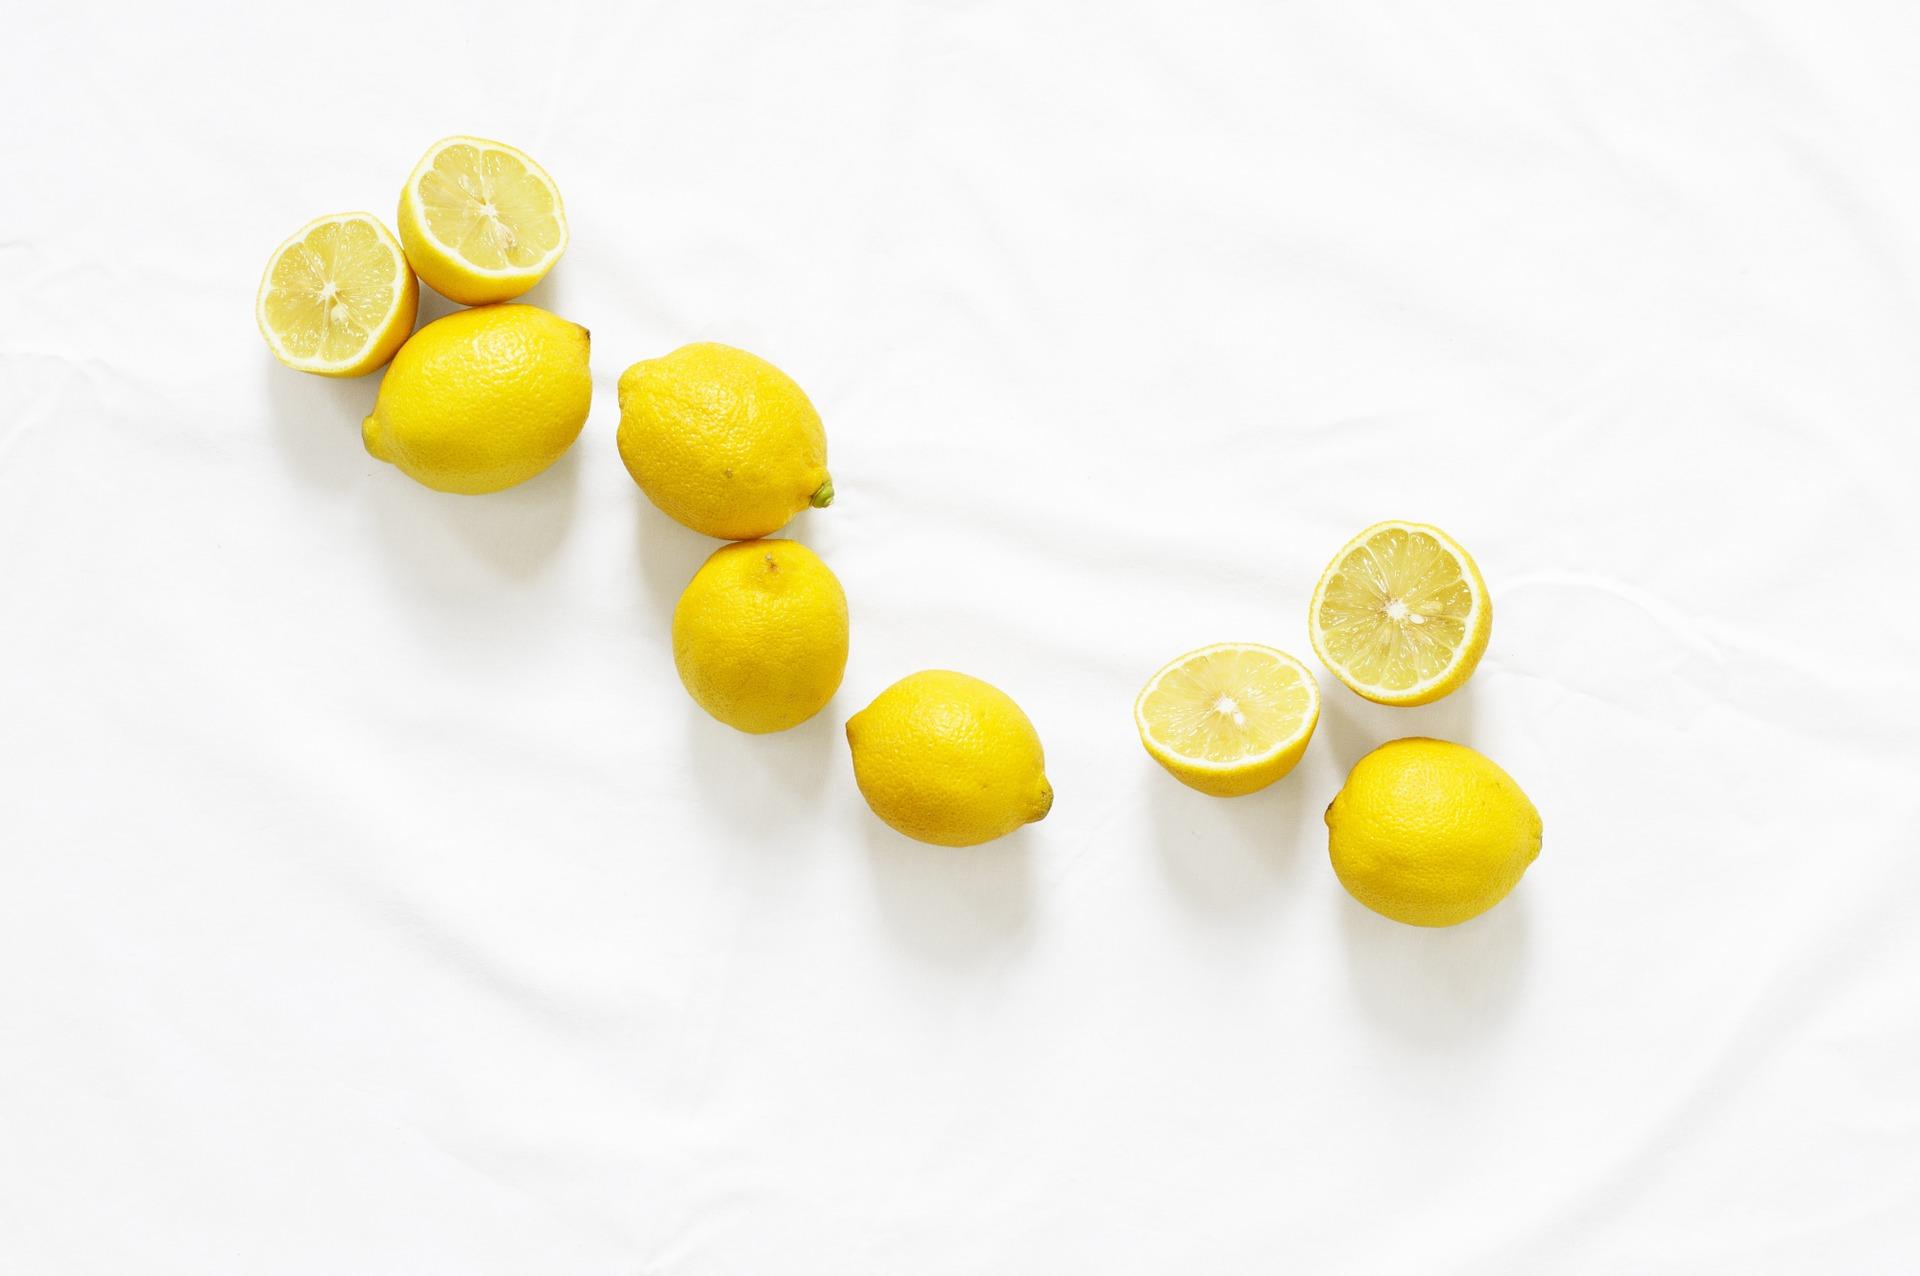 lemons-1209309_1920.jpg